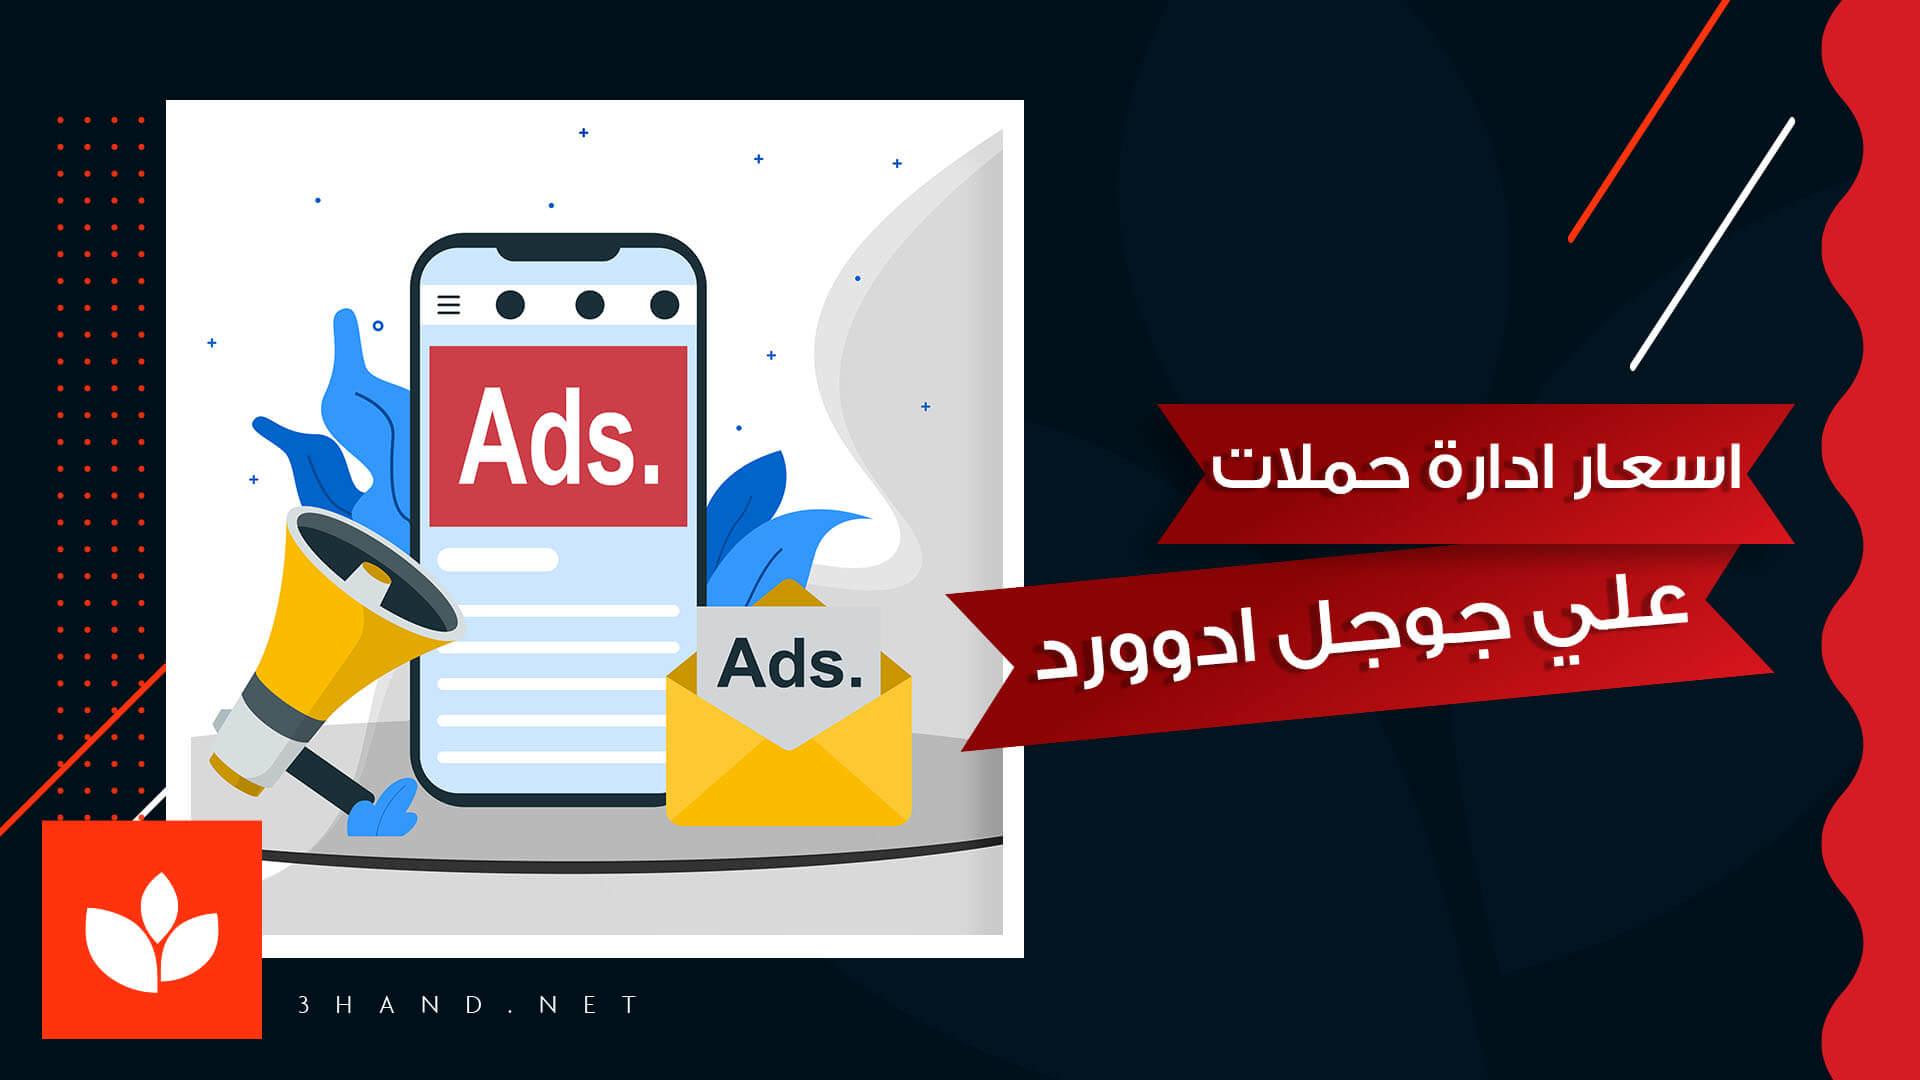 اسعار ادارة حملات علي جوجل اد وورد